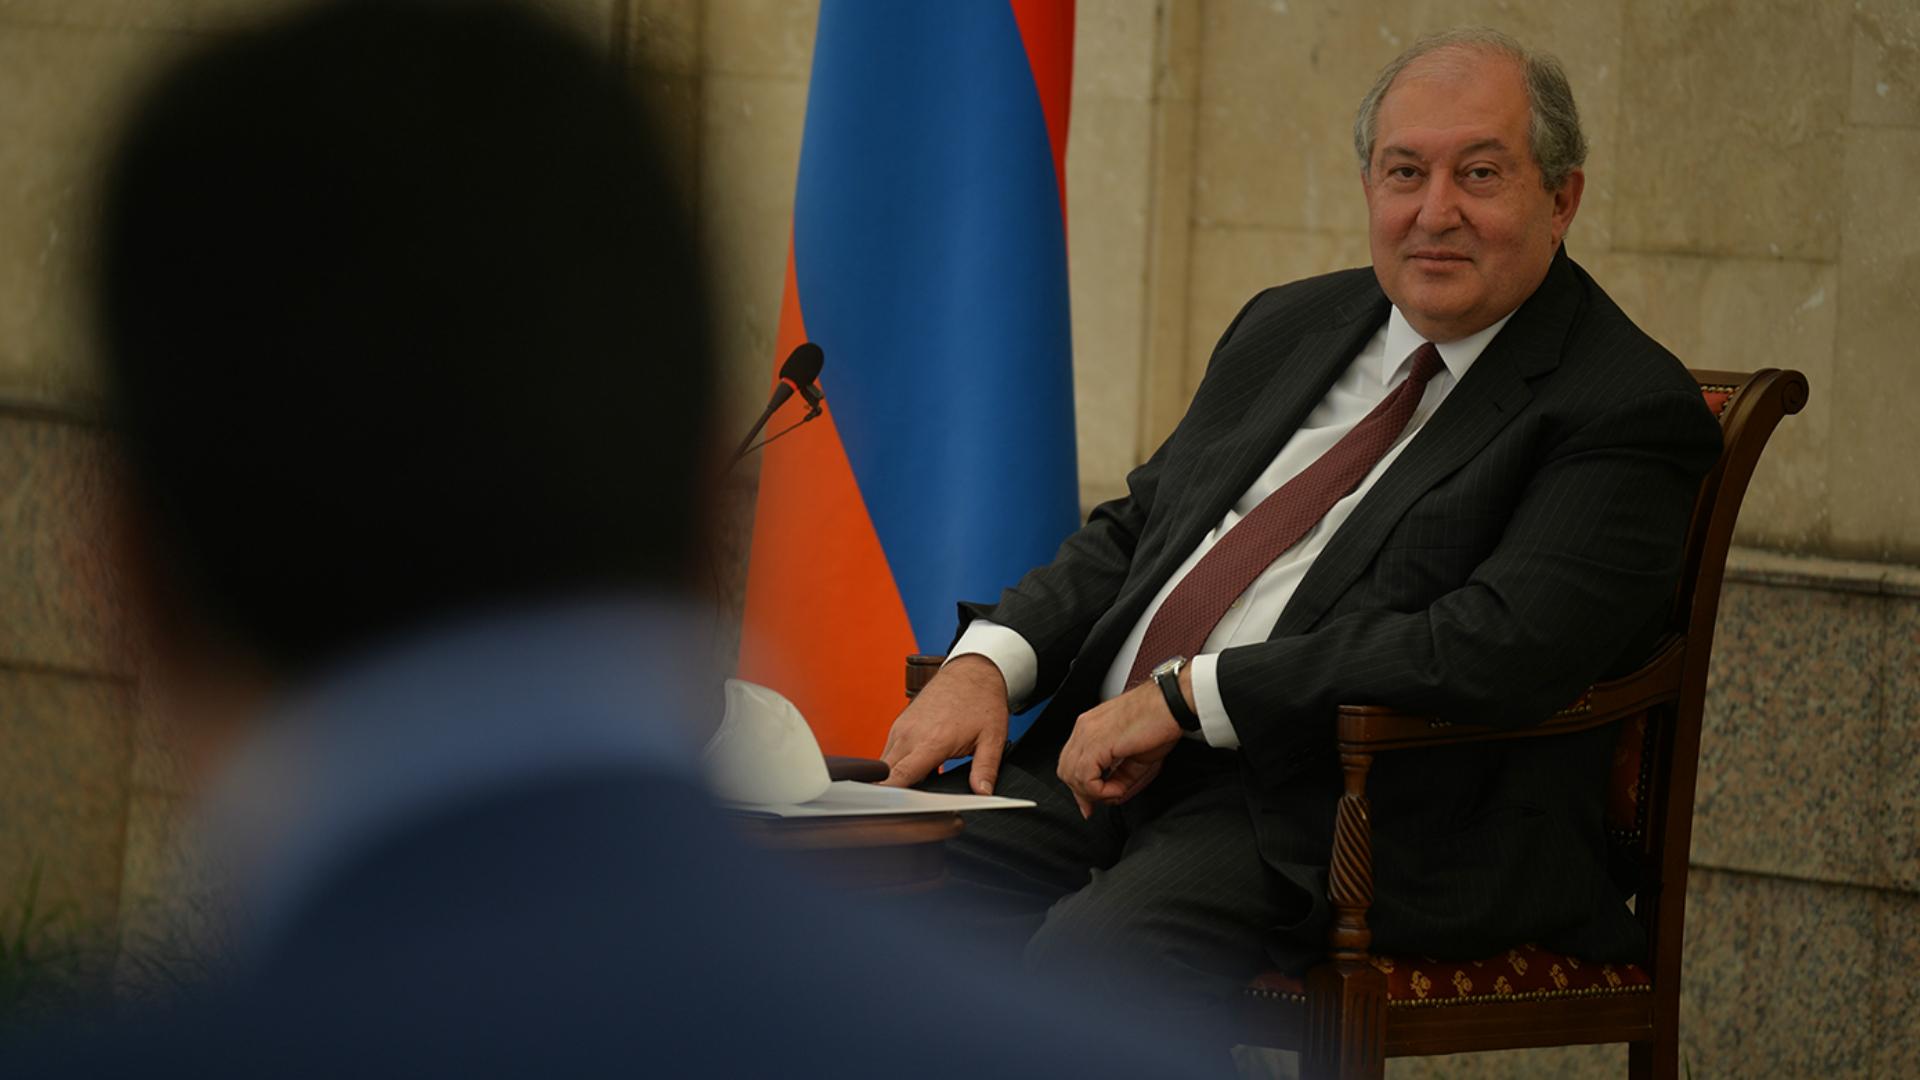 Հայաստանի նախագահն ու կառավարությունը մեծապես գնահատում են այն, ինչ դուք հիմա անում եք. Արմեն Սարգսյանը հյուրընկալել է ֆրանսիացի բուժաշխատողների երկրորդ խմբին